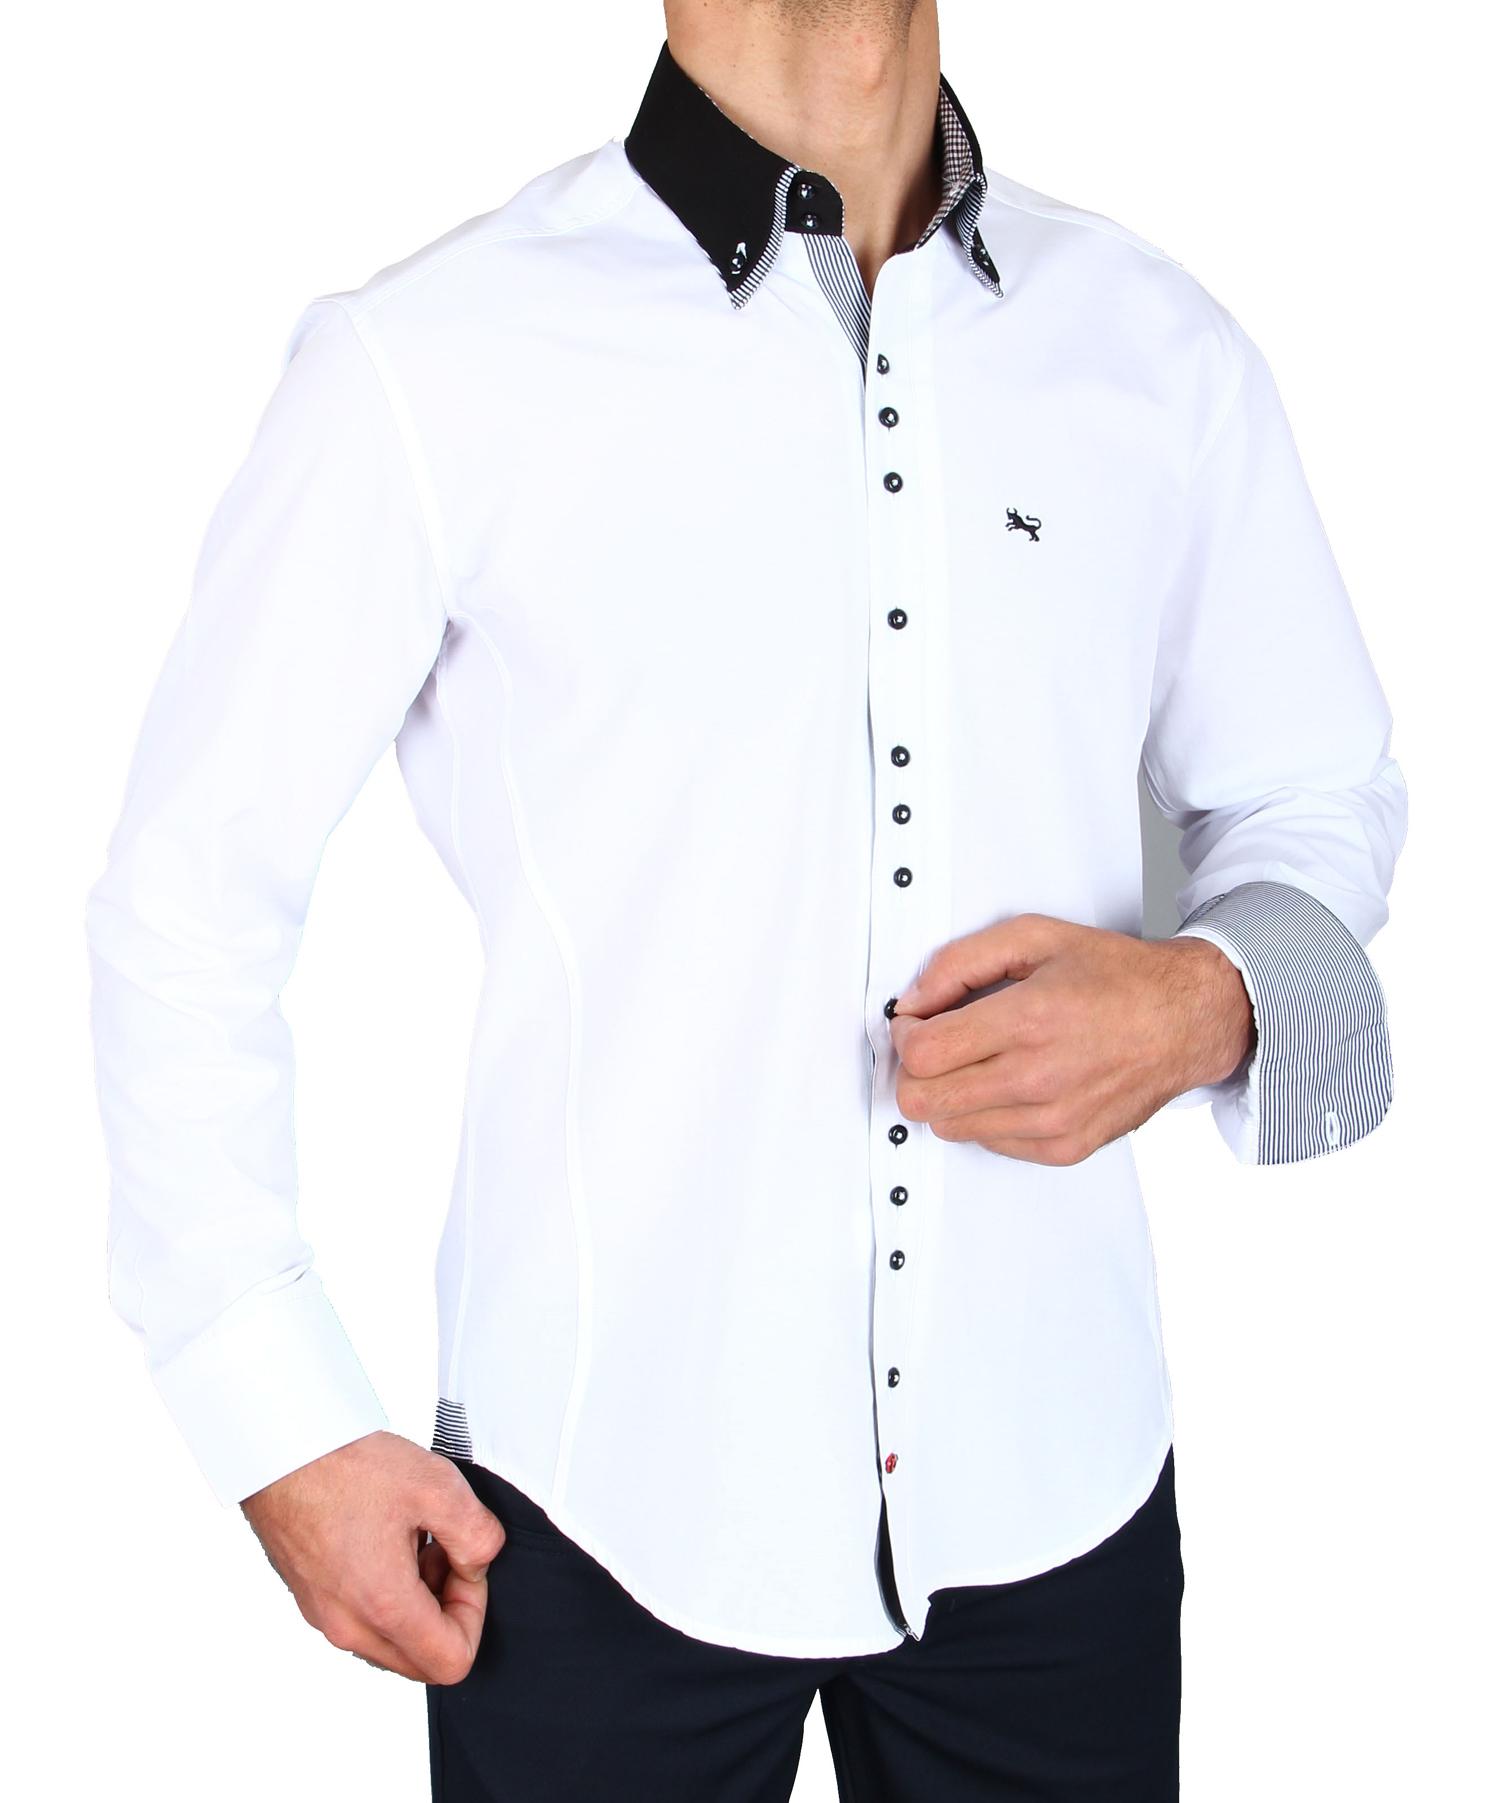 sale retailer 55aaa a14fe H.K. Mandel Kreative Mode für Männer - slim fit hemden ...